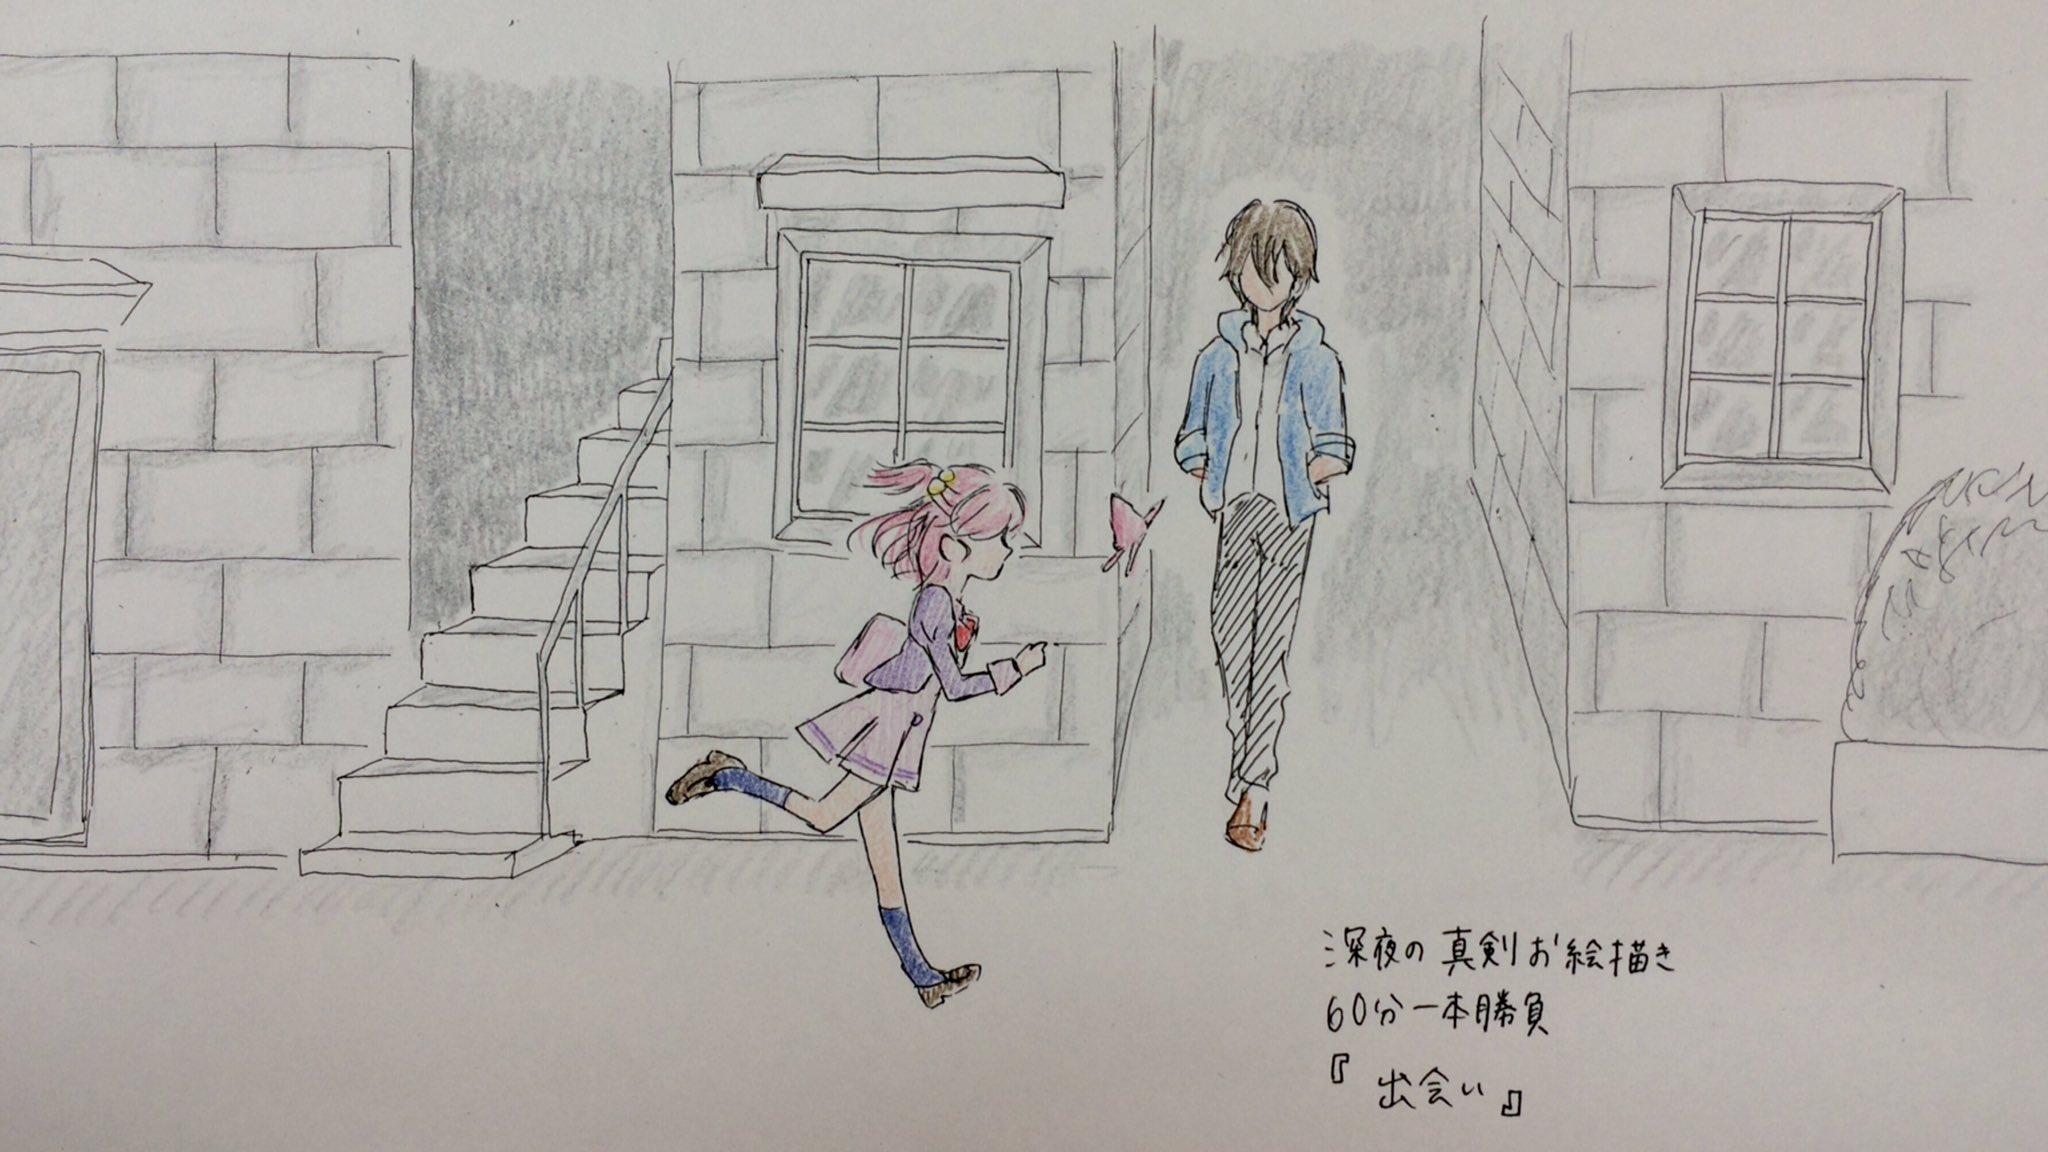 松おもち(もうすぐ受験おわる🌸) (@matimoti_320)さんのイラスト